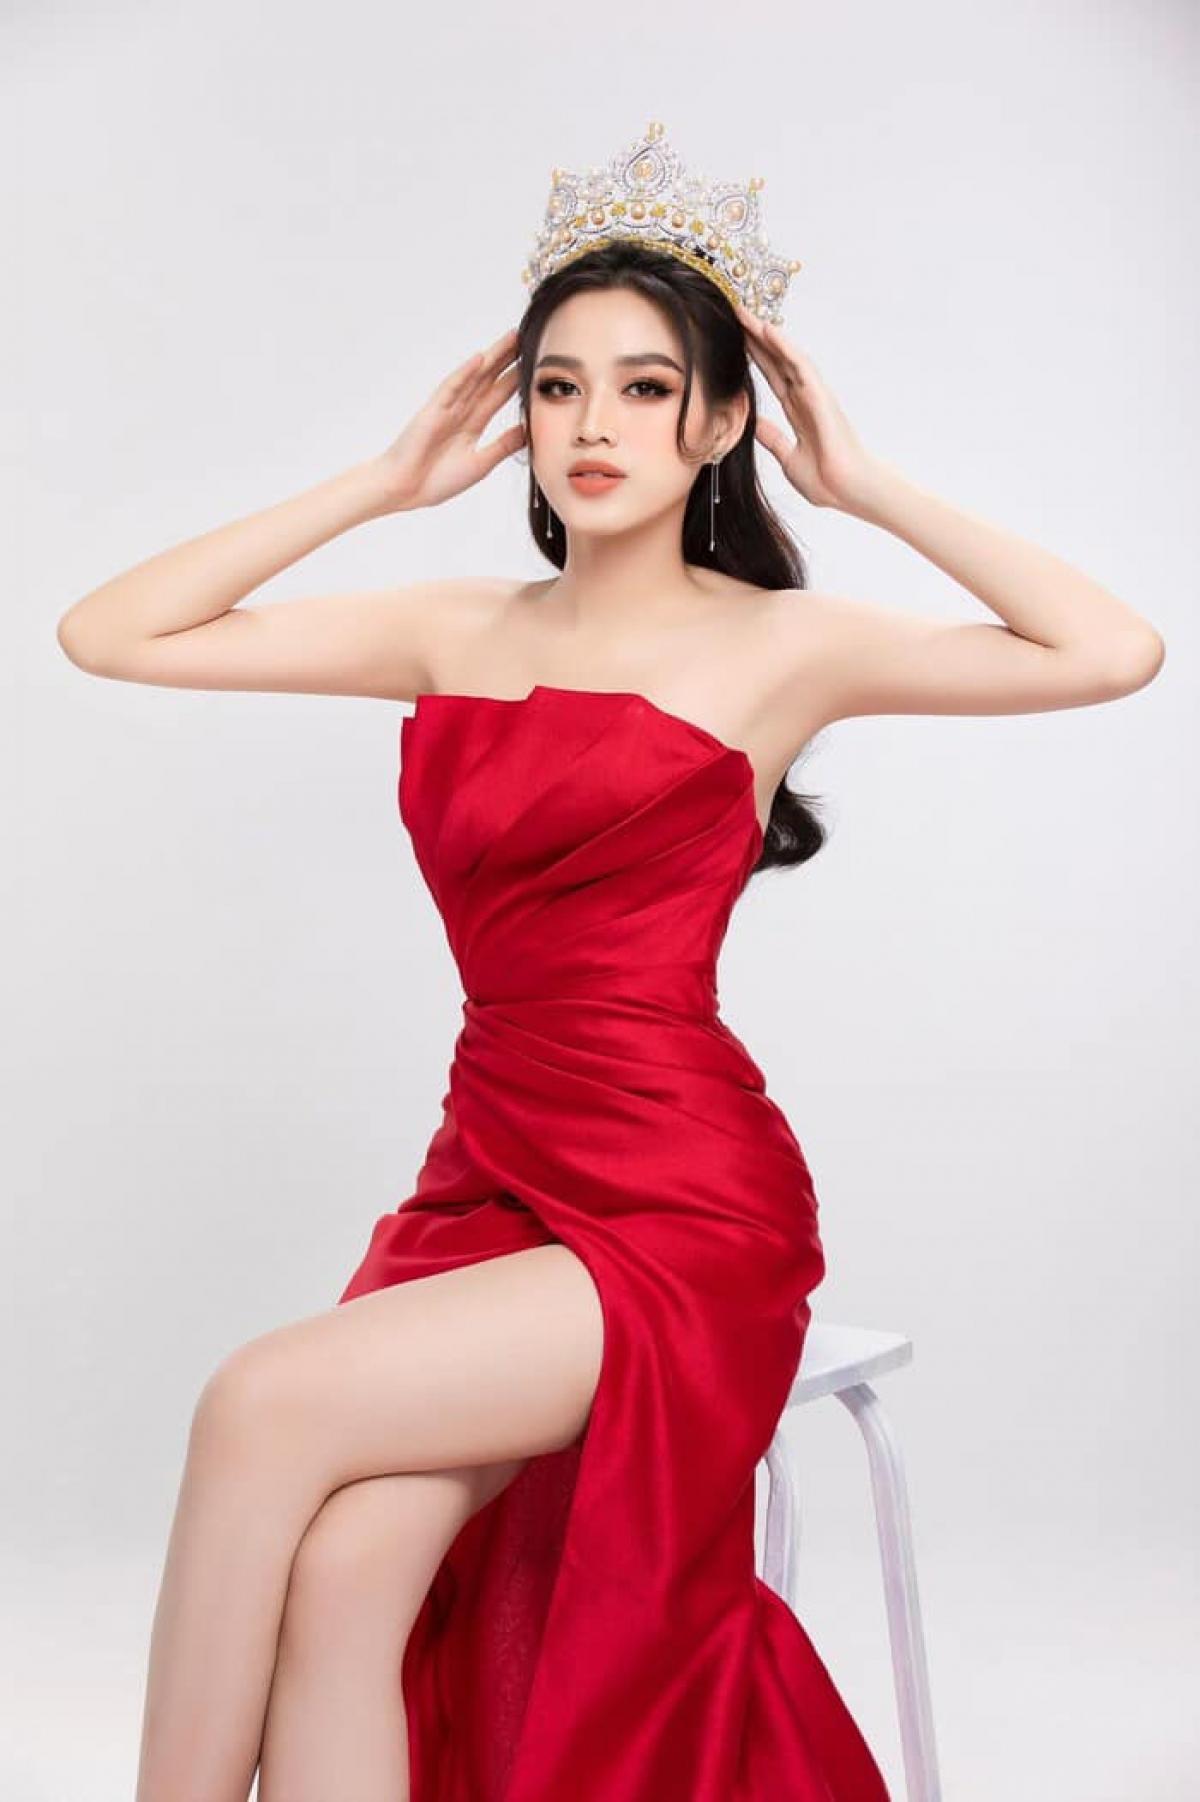 Hoa hậu Đỗ Thị Hà xuất hiện trong bộ đầm đỏ quyến rũ, khéo khoe vóc dáng chuẩn đồng hồ cát của mình.